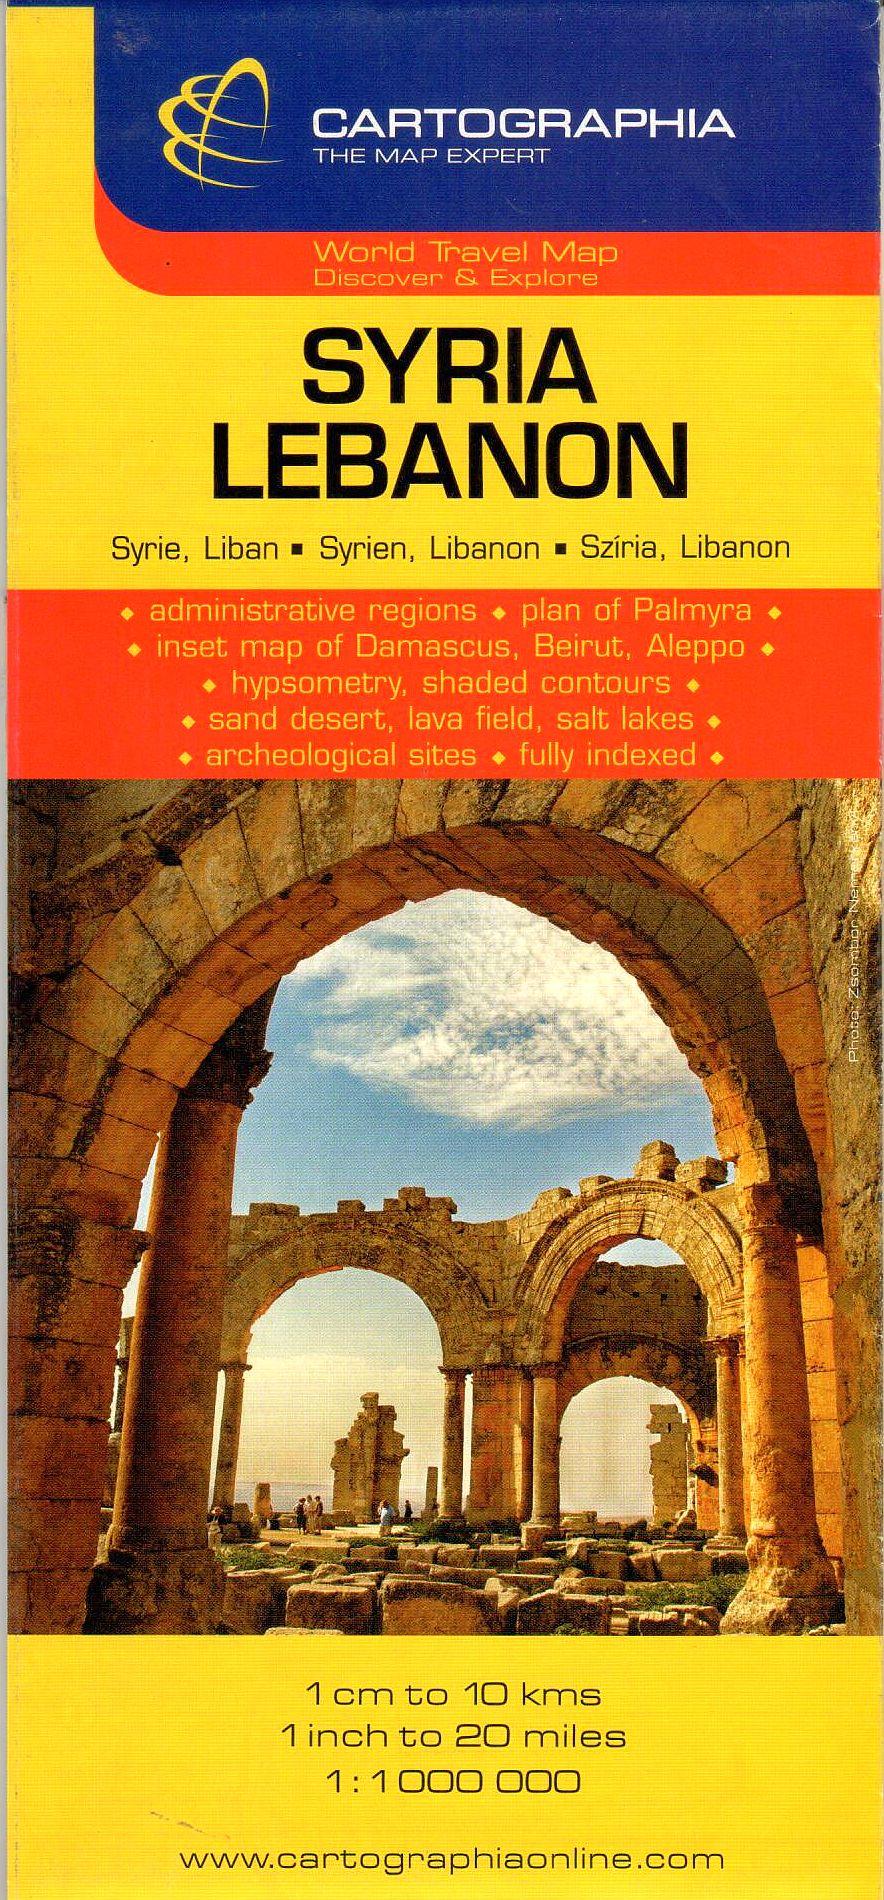 Szíria, Libanon általános földrajzi térképe autós és turista információkkal, névmutatóval, melléktérképekkel (Damaszkusz Bejrút, Aleppo, Palmyra).,